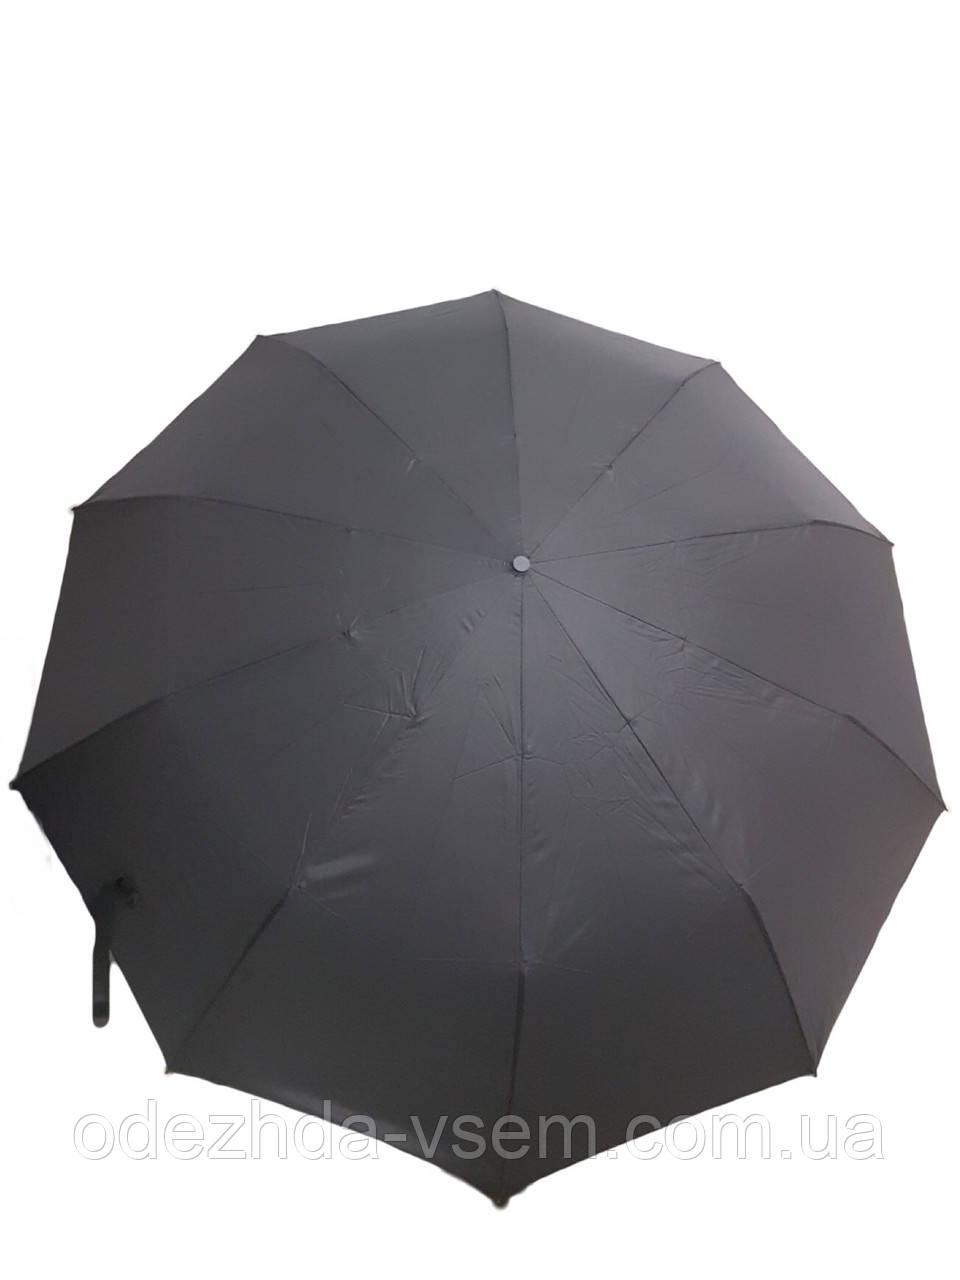 Чоловічий парасольку відмінної якості